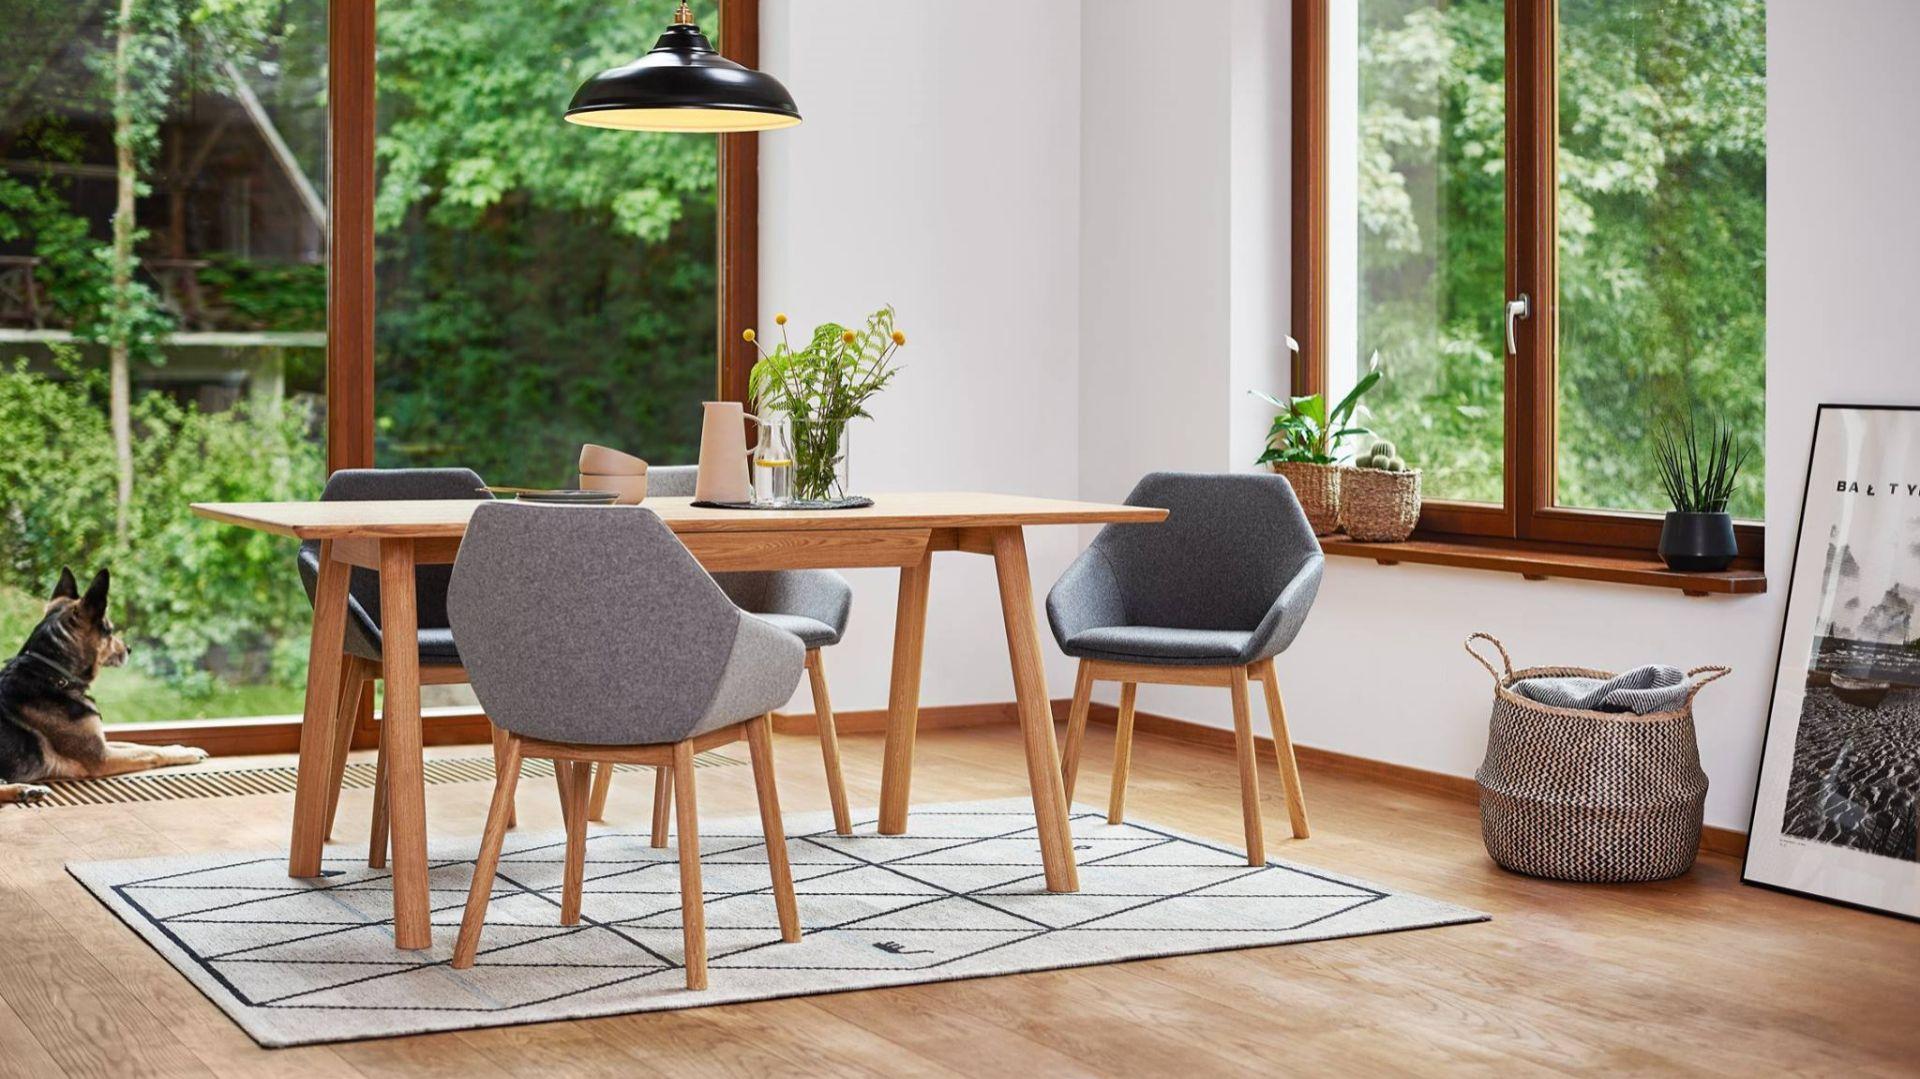 Studio Szpunar - Tuk krzesło i April stół dla Paged.jpg